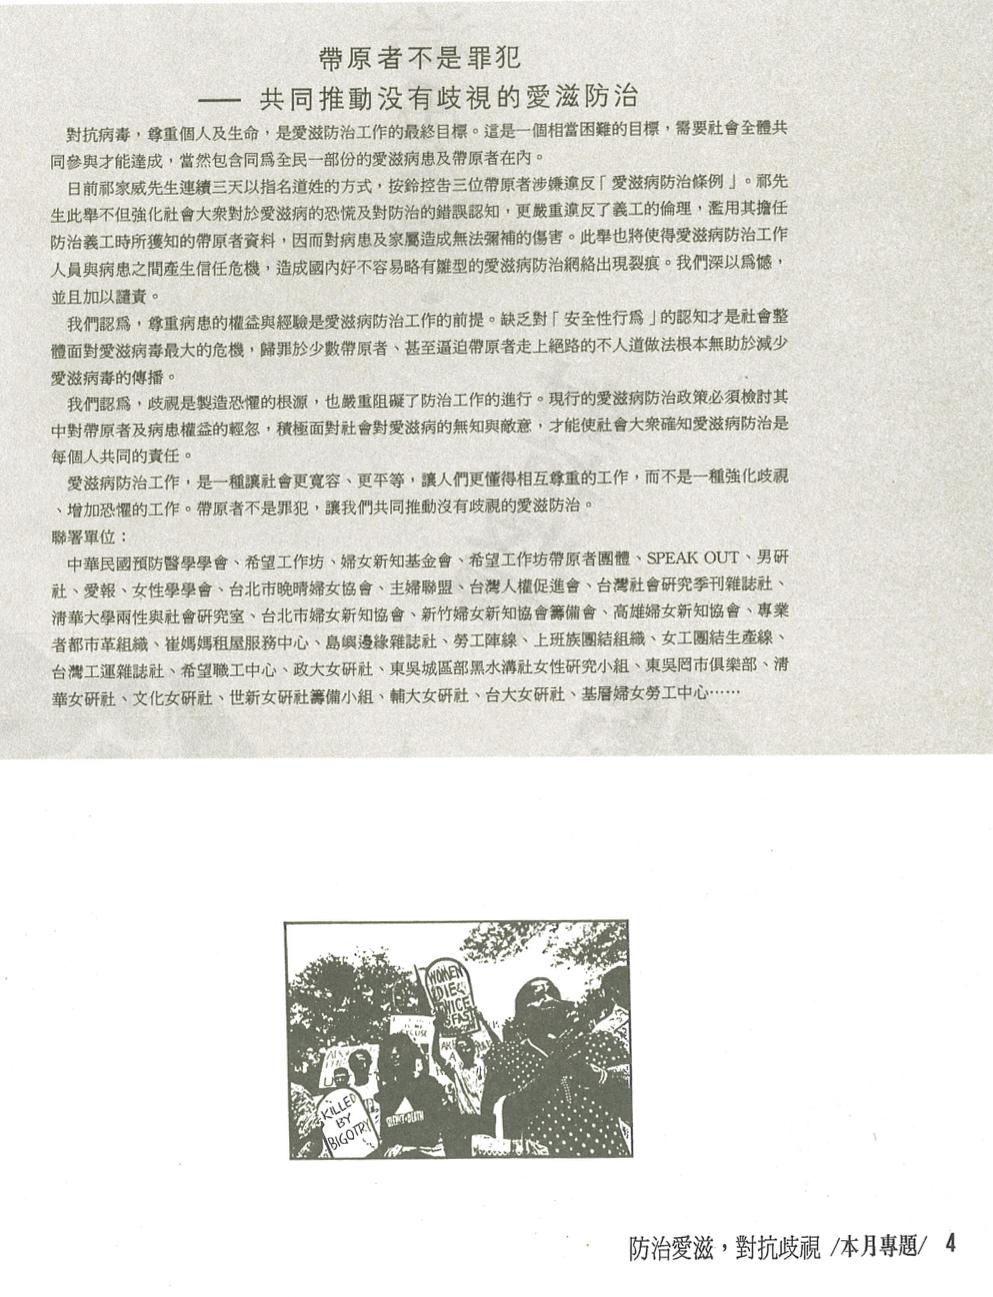 1994年,30多個民間團體連署抗議祈家威告發感染者。(資料來源:《婦女新知》第147期 )